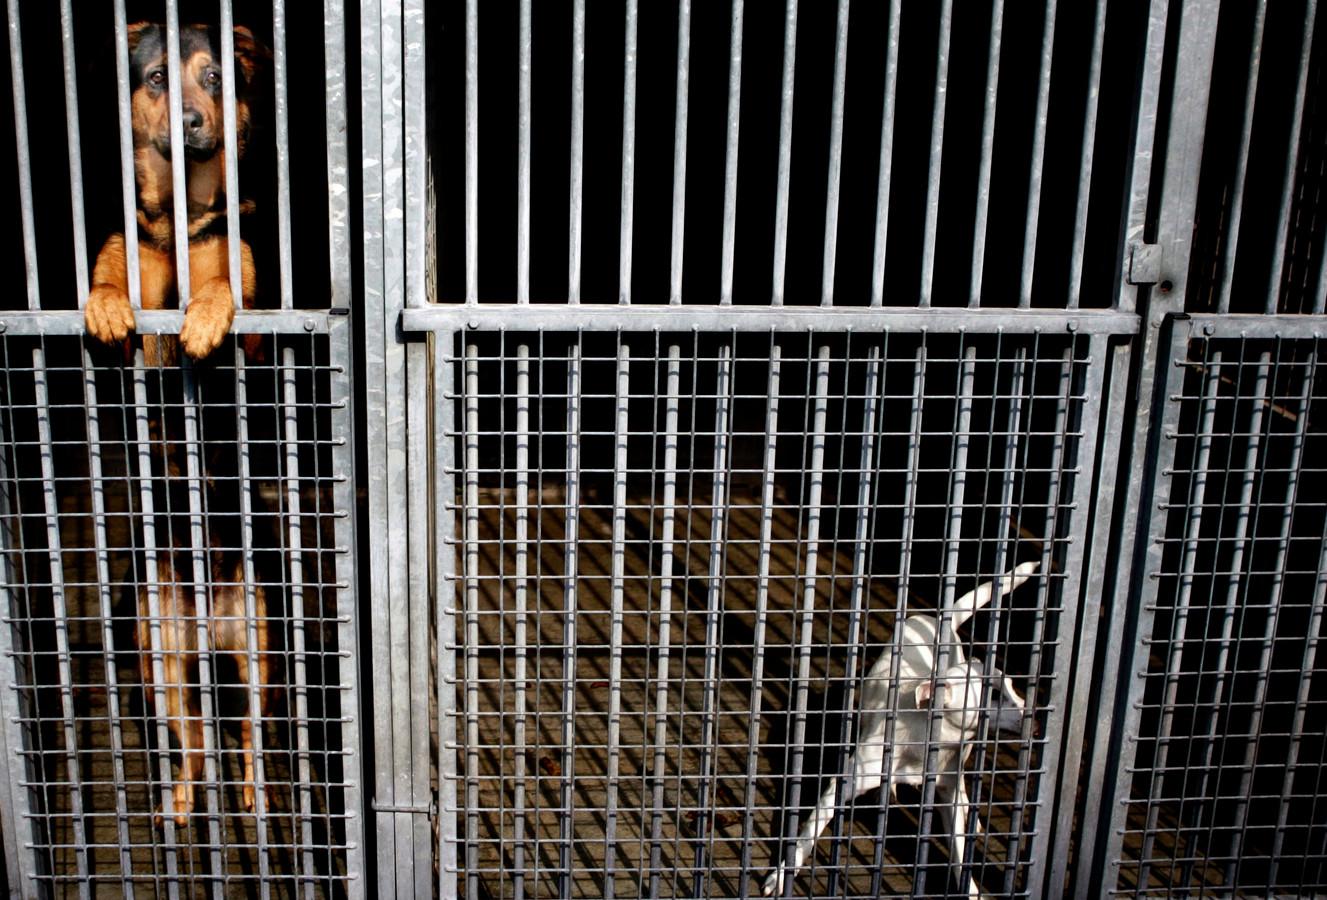 De dagopvang van dierenasielen zit weer volgeboekt, nu mensen vaker naar kantoor gaan.